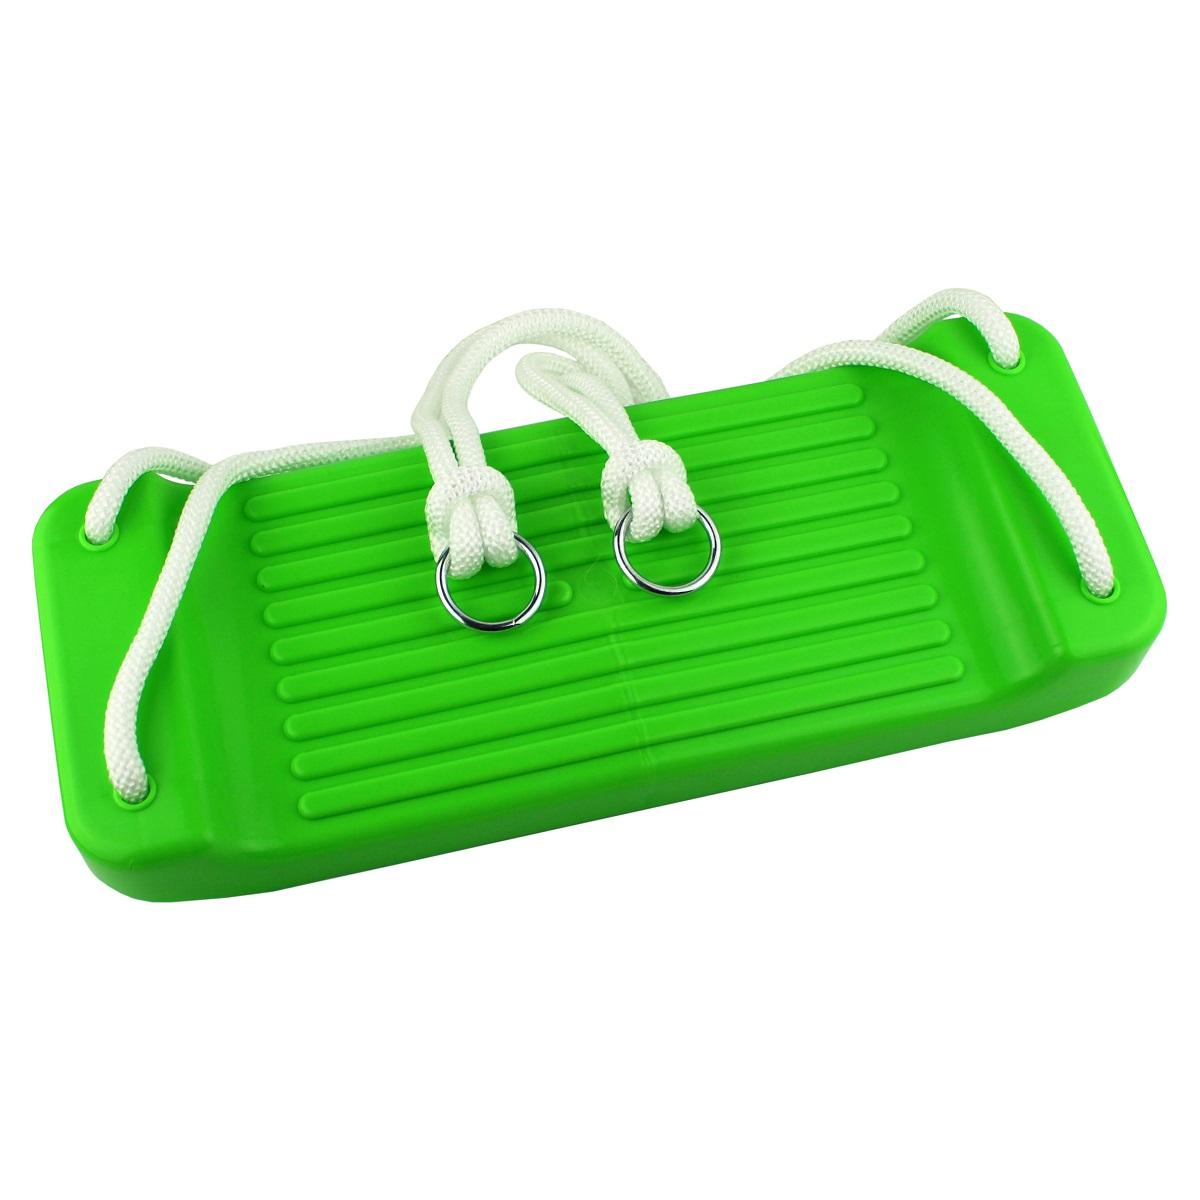 Dětská houpačka MASTER rovná plast - zelená